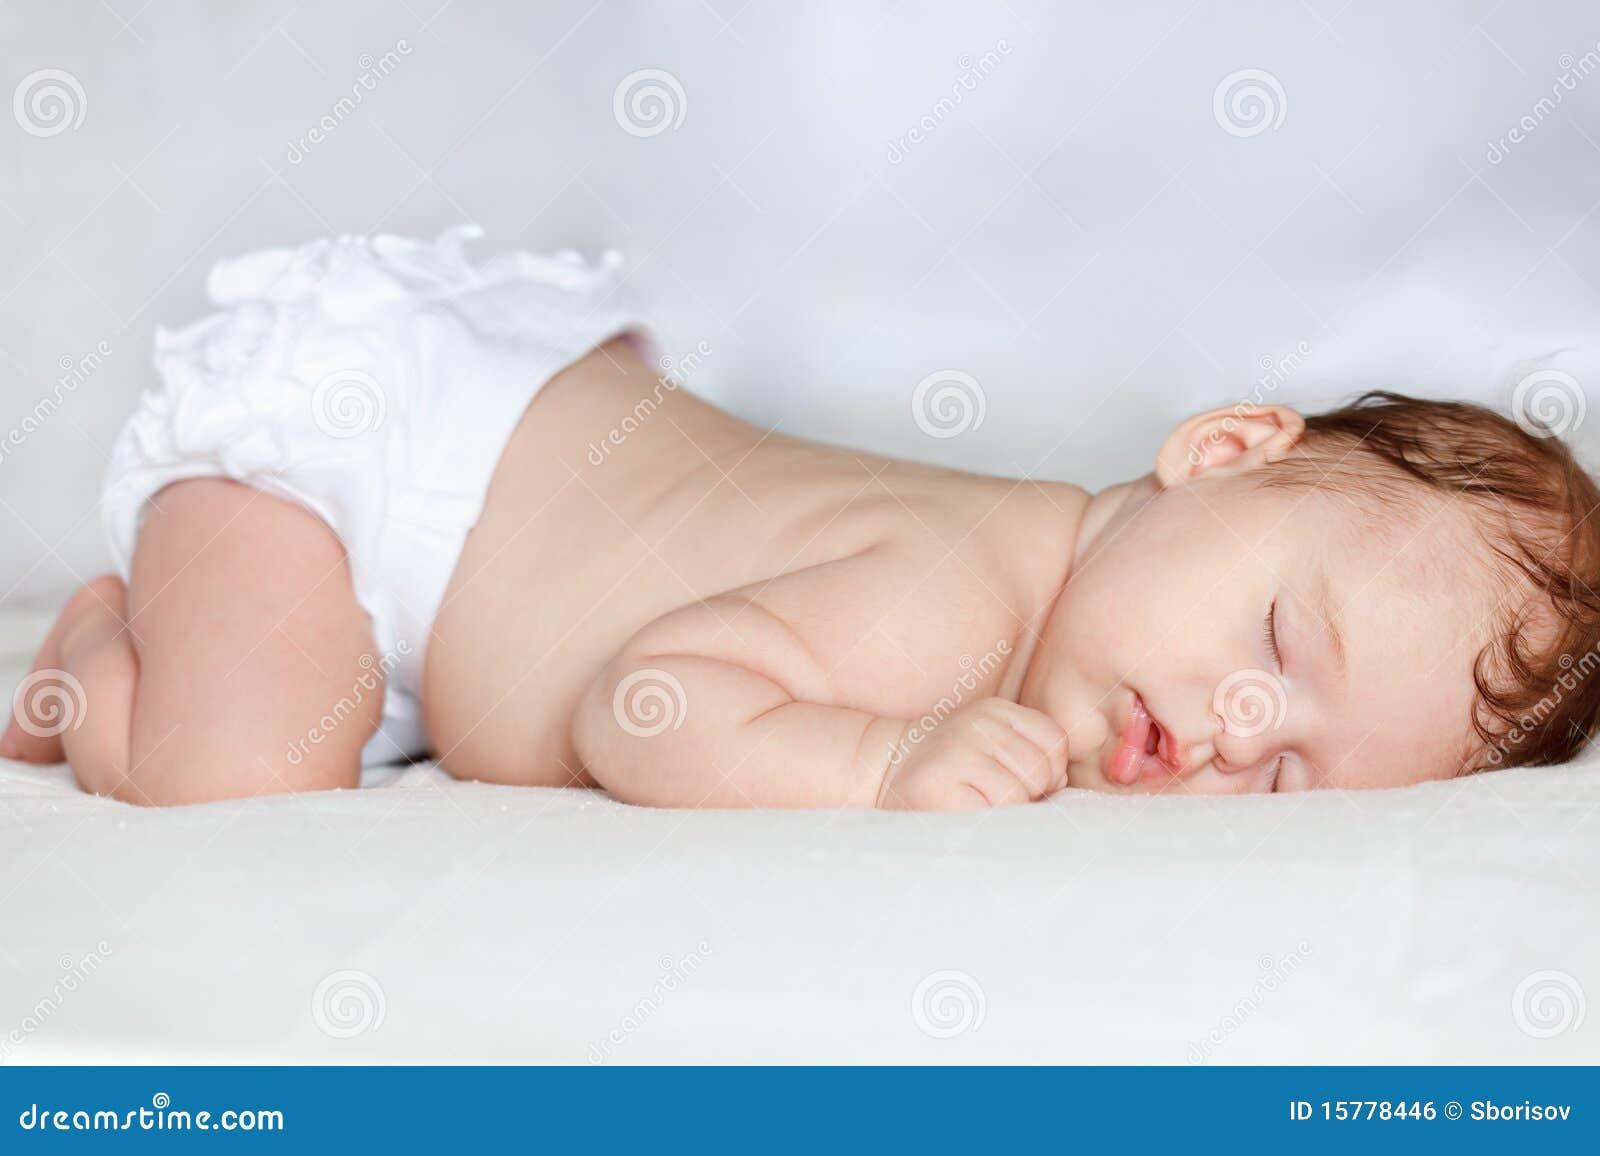 Секс со спящими девочками смотреть 27 фотография